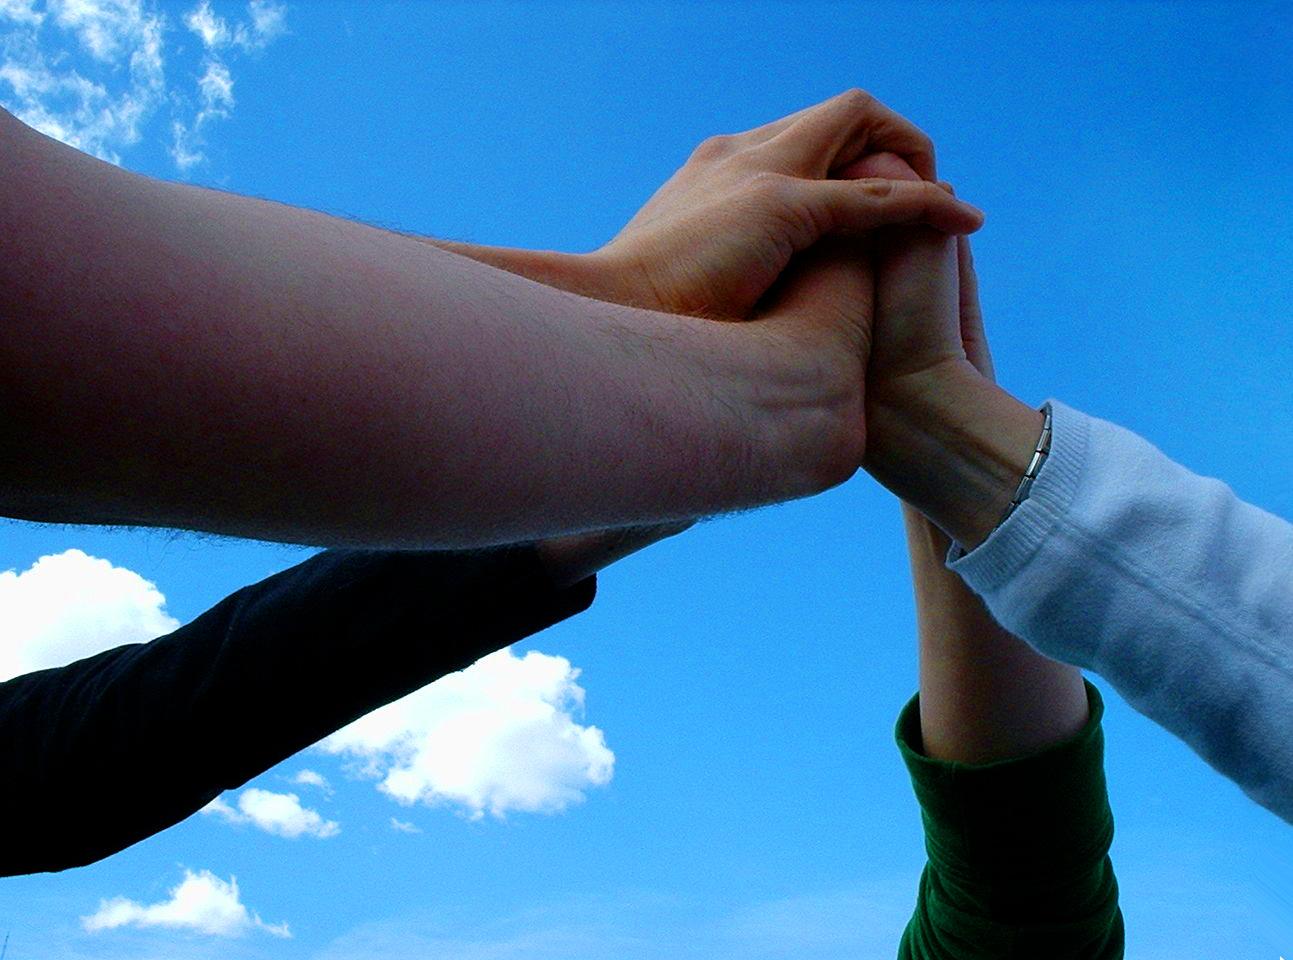 Grupa z rękoma razem